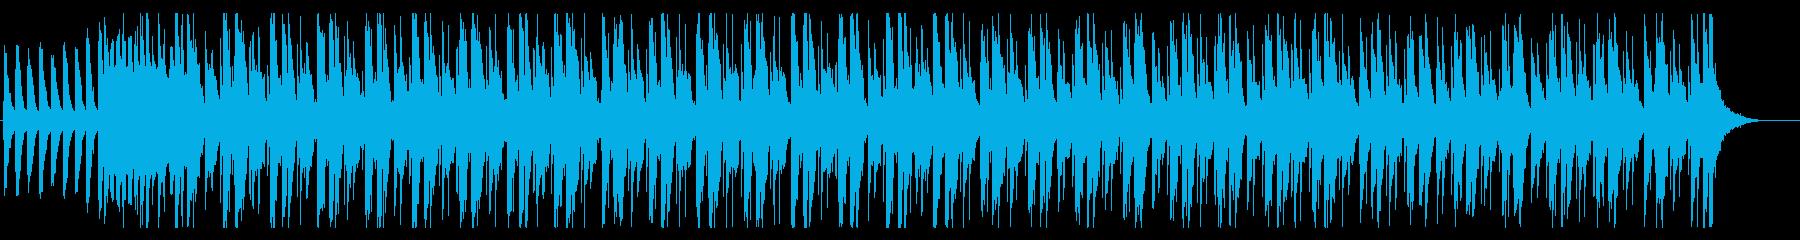 登場シーンで流れるBGMの再生済みの波形